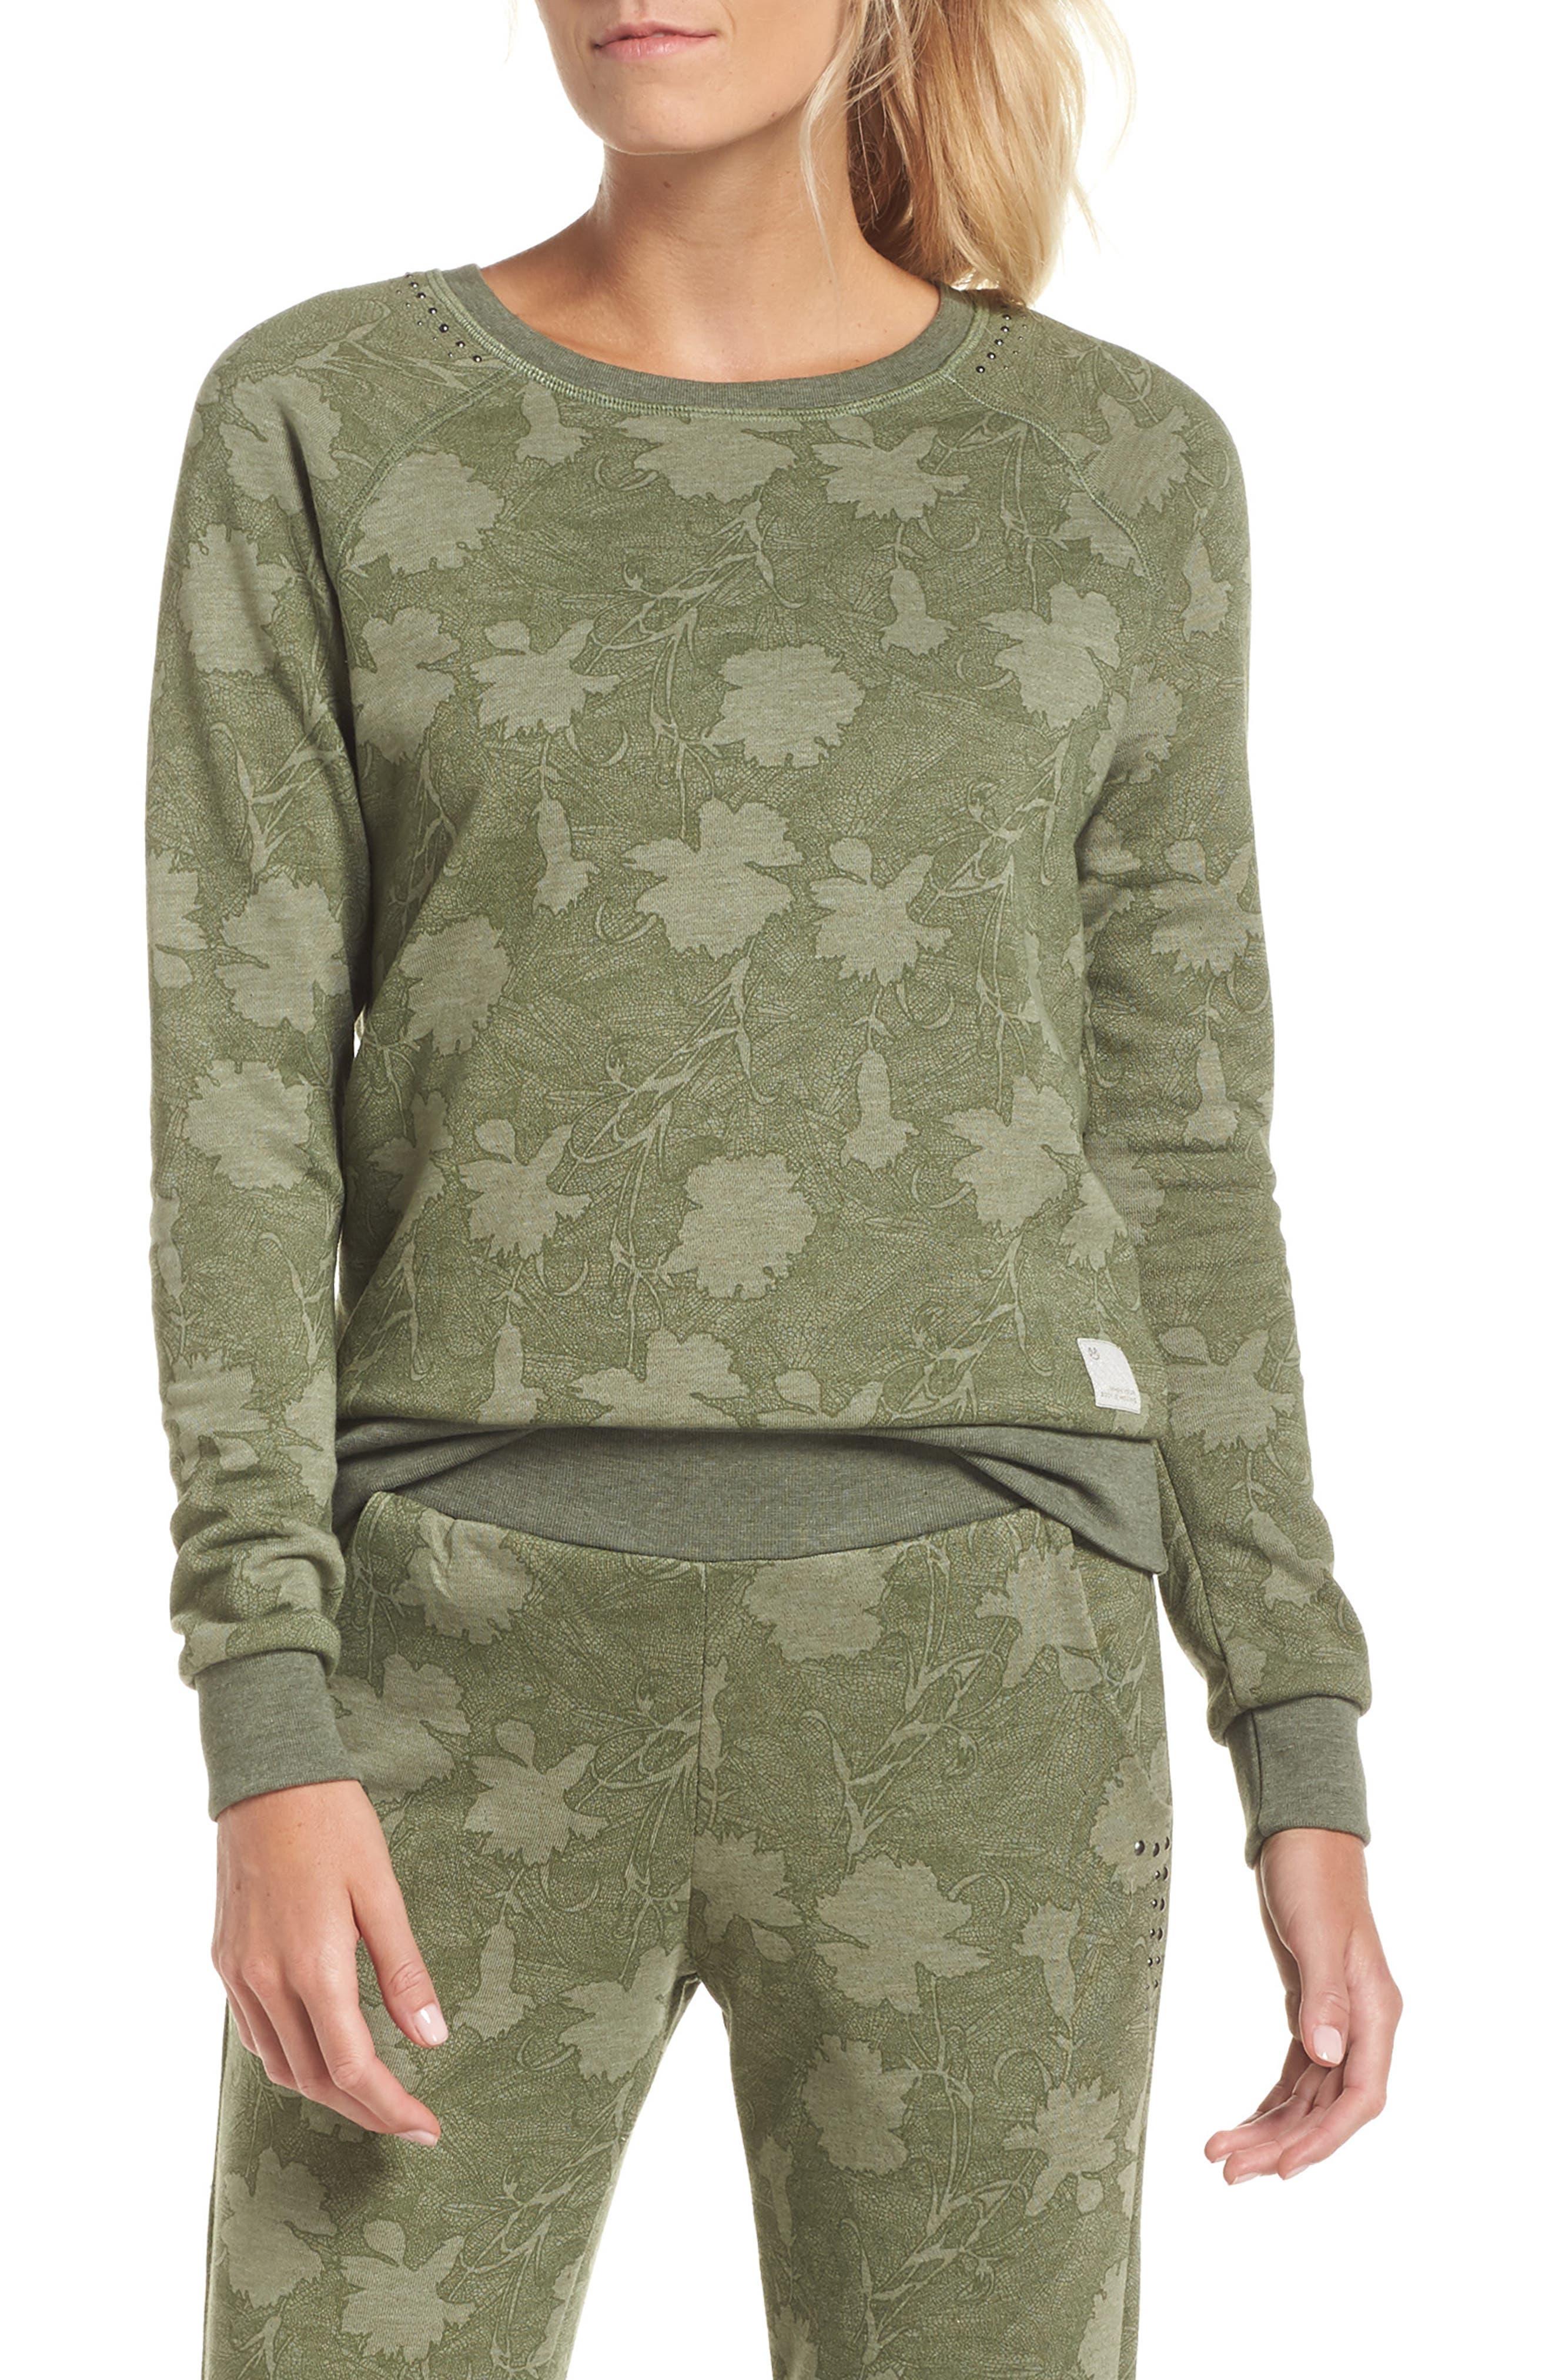 Sleek Leaf Kale Sweatshirt,                             Main thumbnail 1, color,                             GREEN